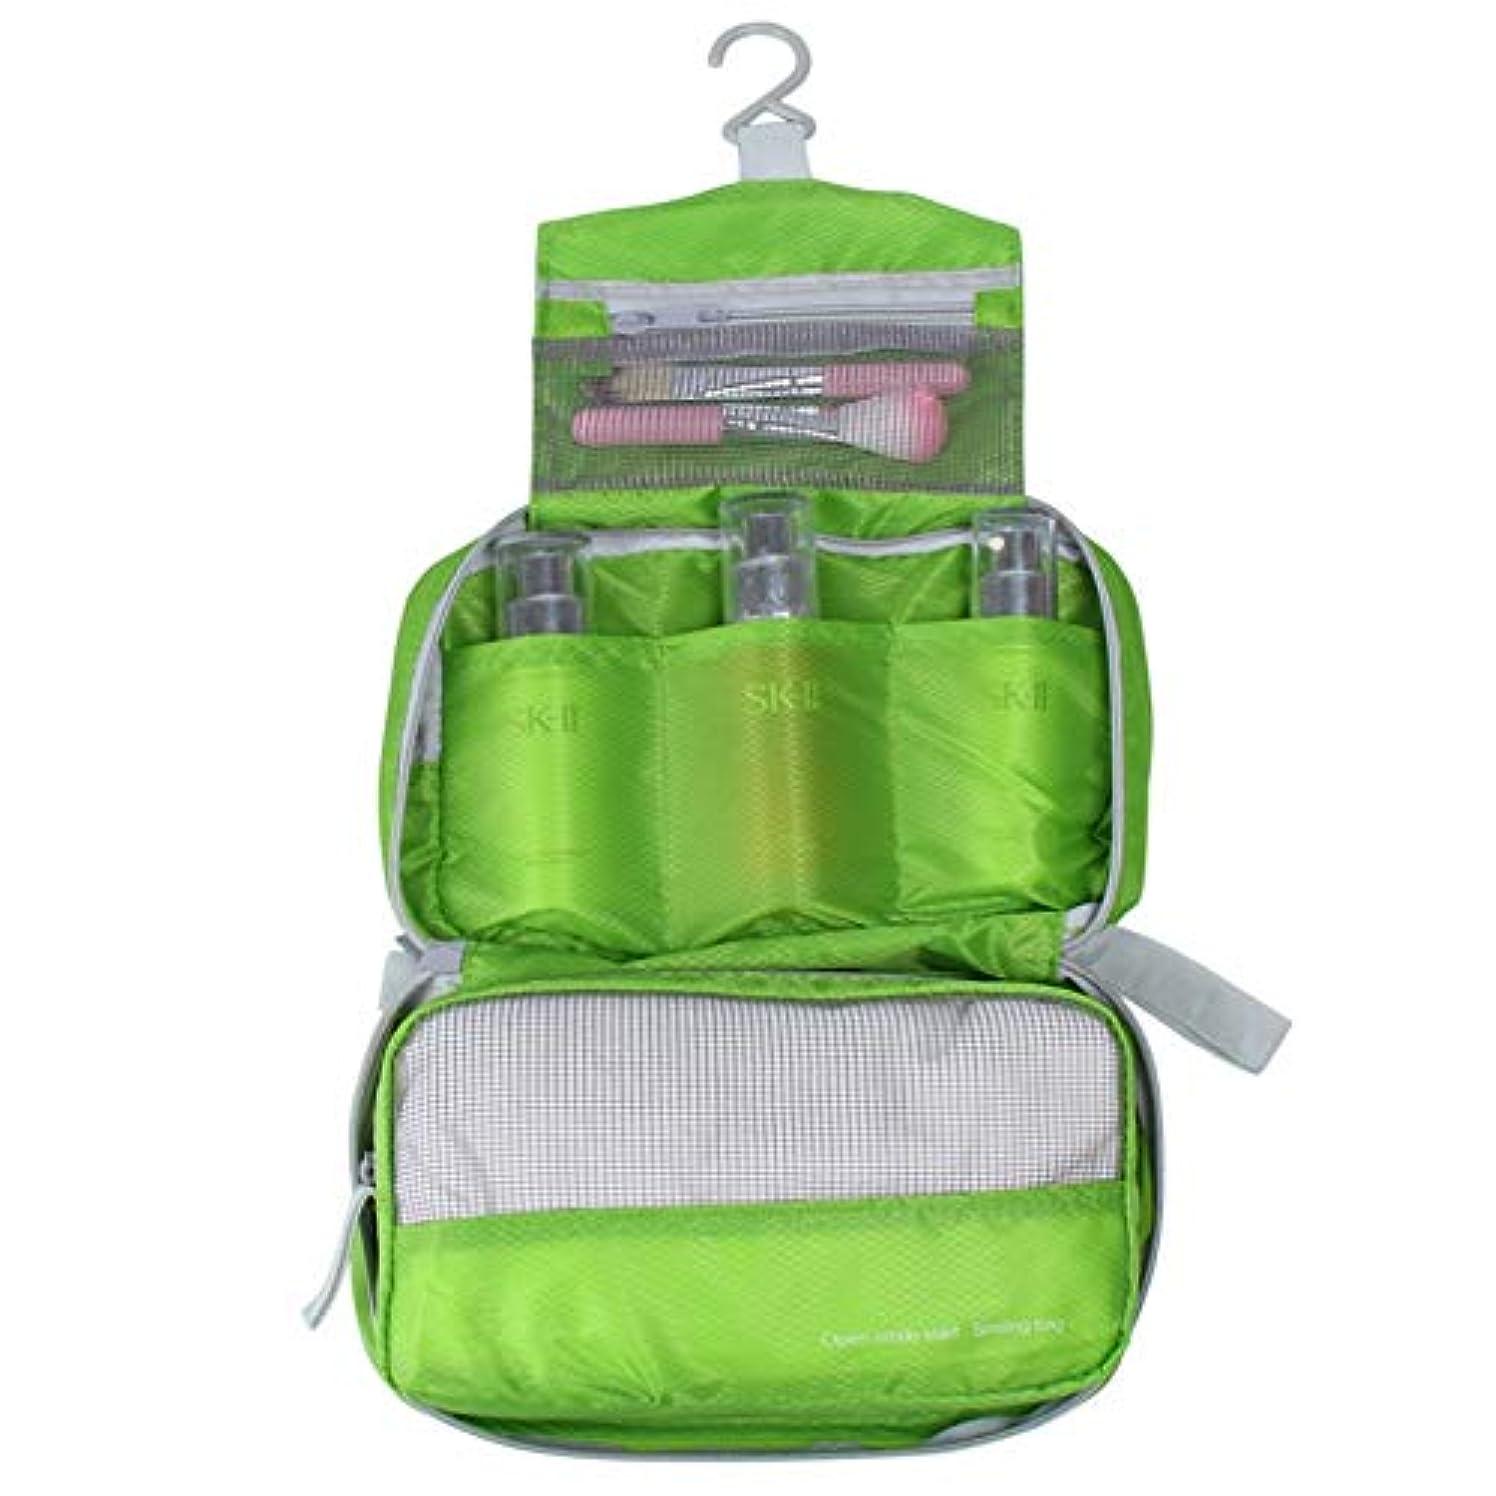 メンタリティ誇張する火星化粧オーガナイザーバッグ 化粧品のバッグは、防水、ハンガー、旅行メッシュとジップコンパートメントのウォッシュバッグです。 化粧品ケース (色 : 緑)